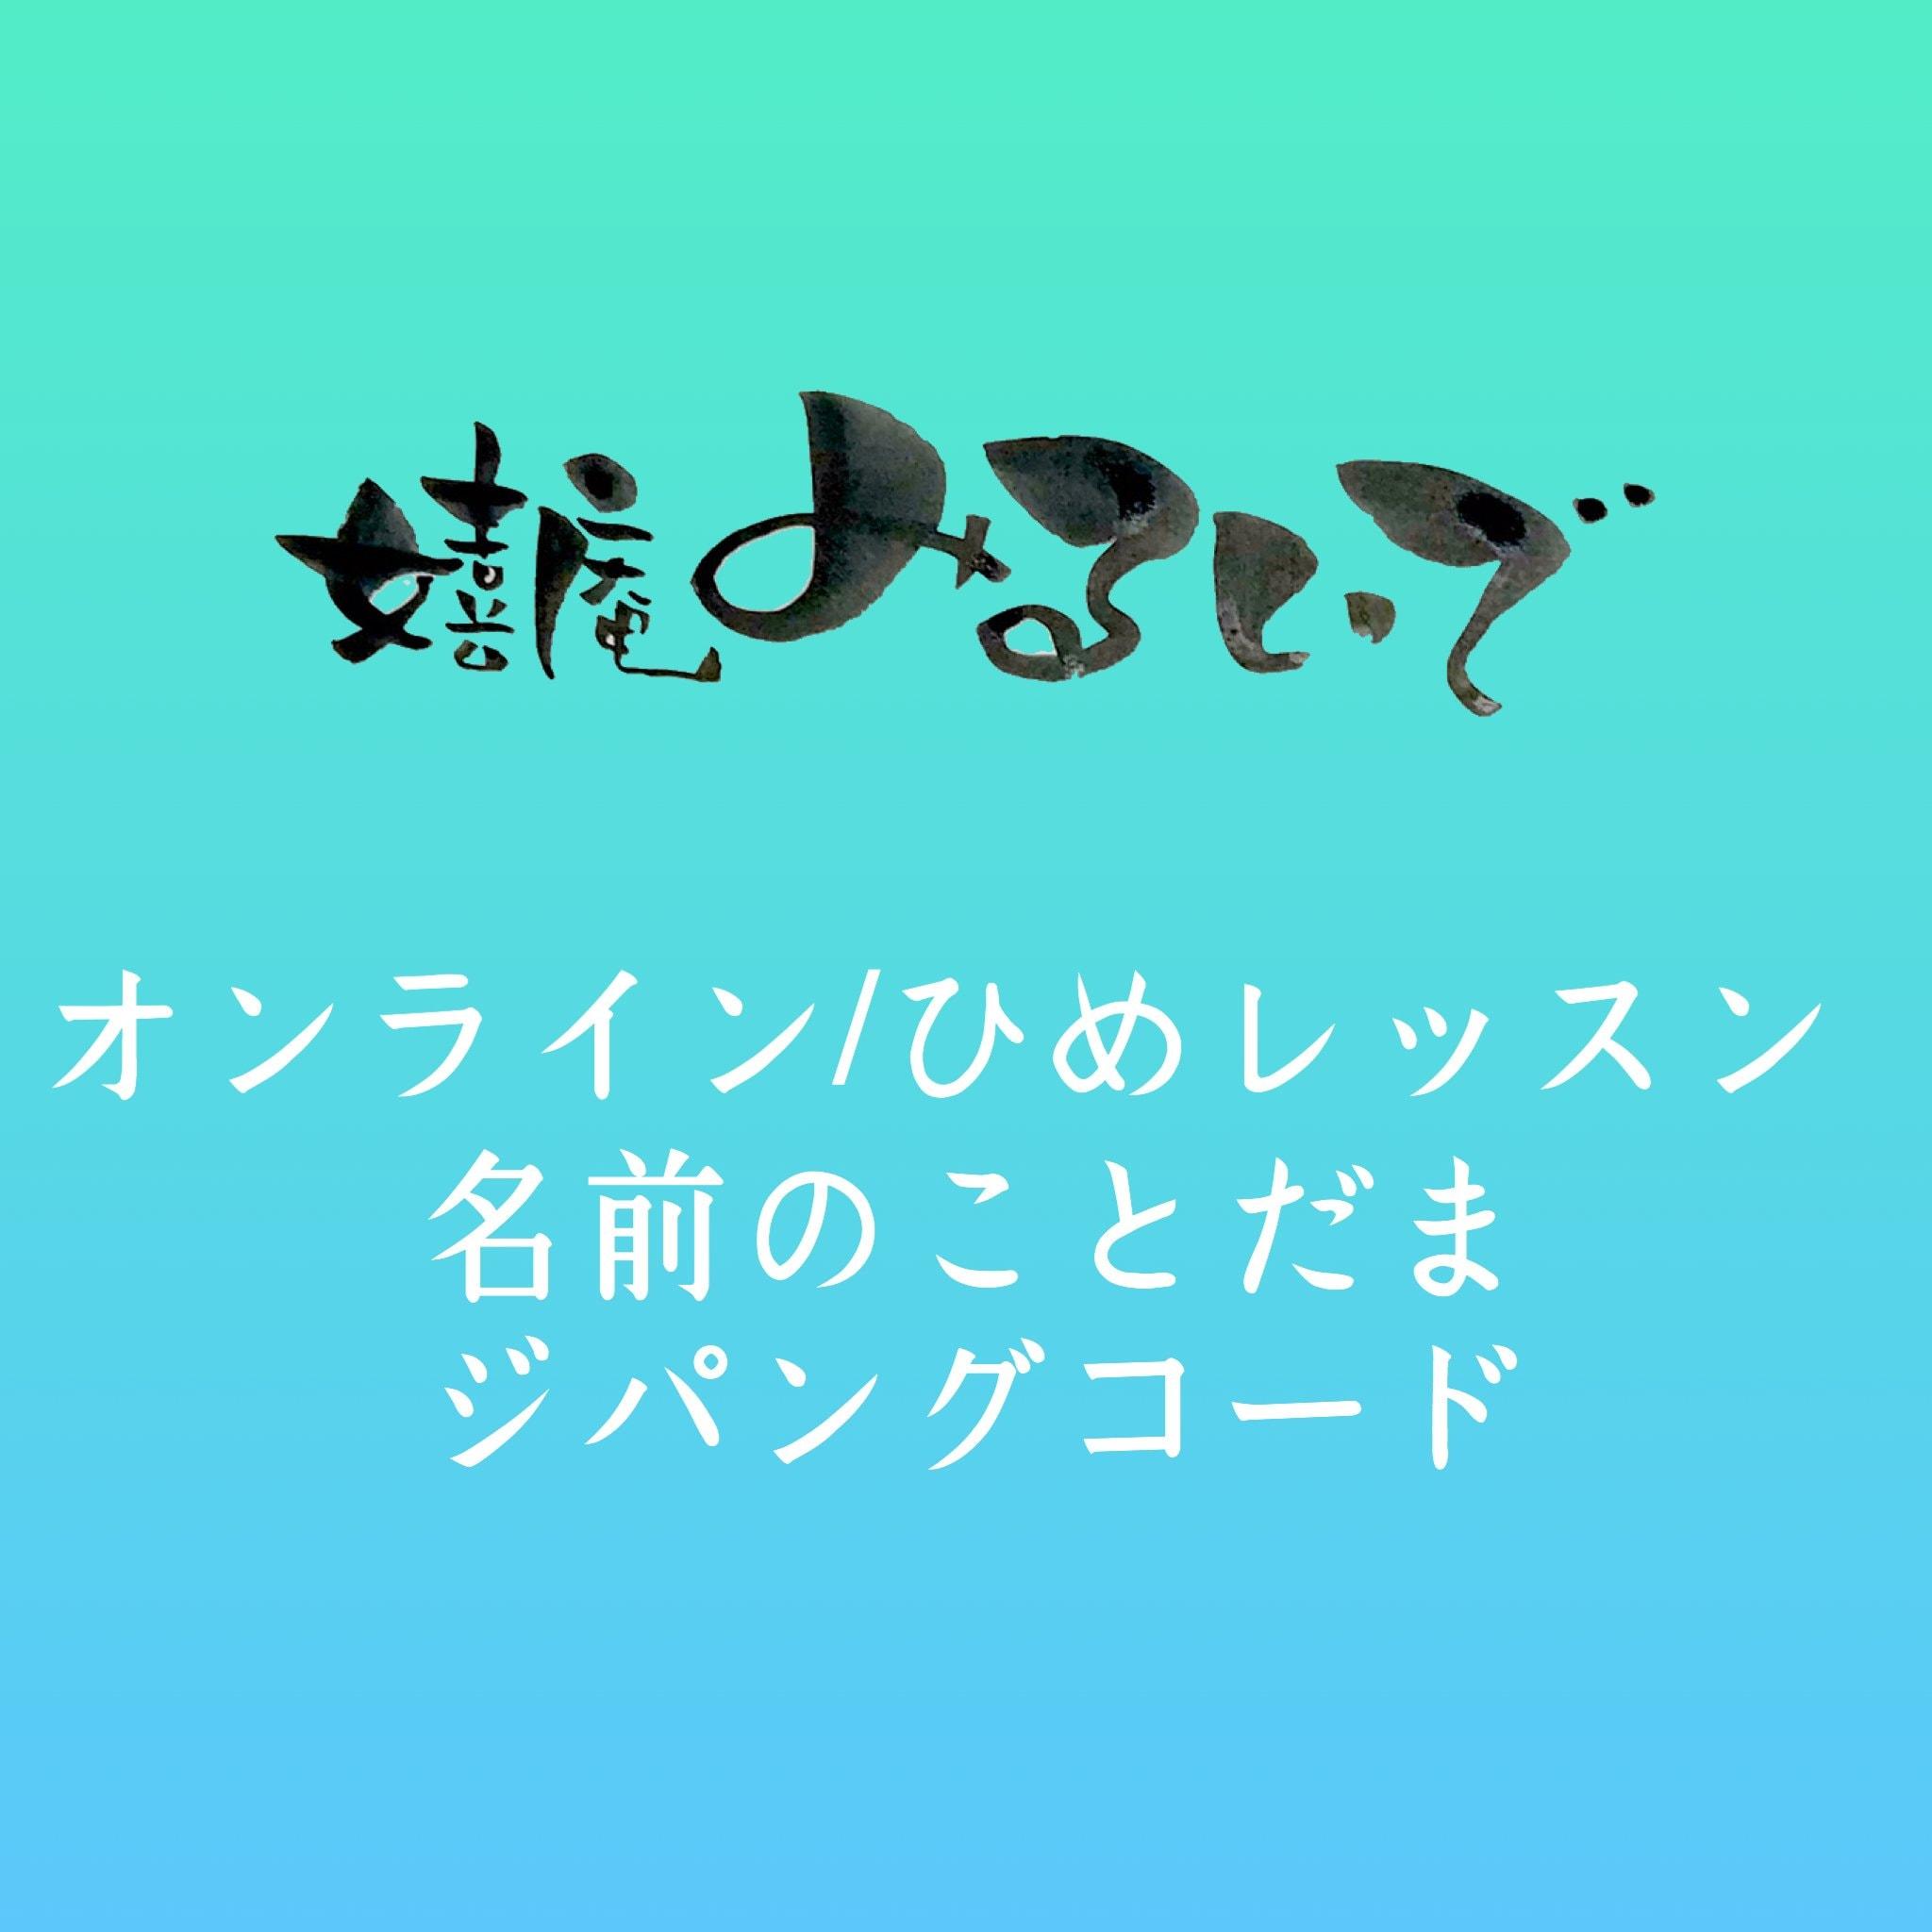 ひめレッスン6回コース/姫神の名前から紐解く現代女性の生き方/オンライン/名前のことだまジパングコードのイメージその2